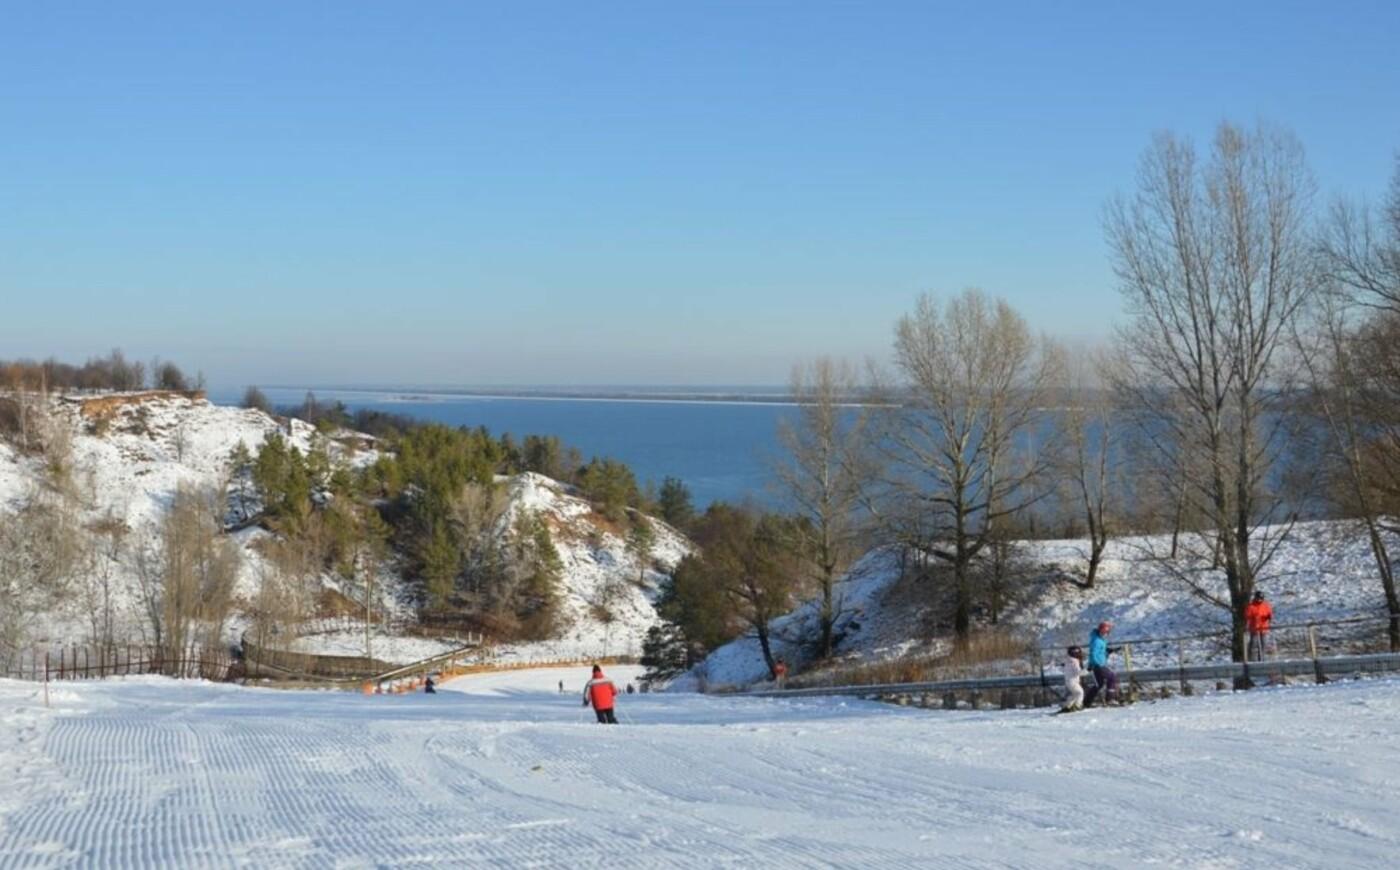 Где покататься на лыжах в Киеве: лучшие лыжные горки сезона , фото-2